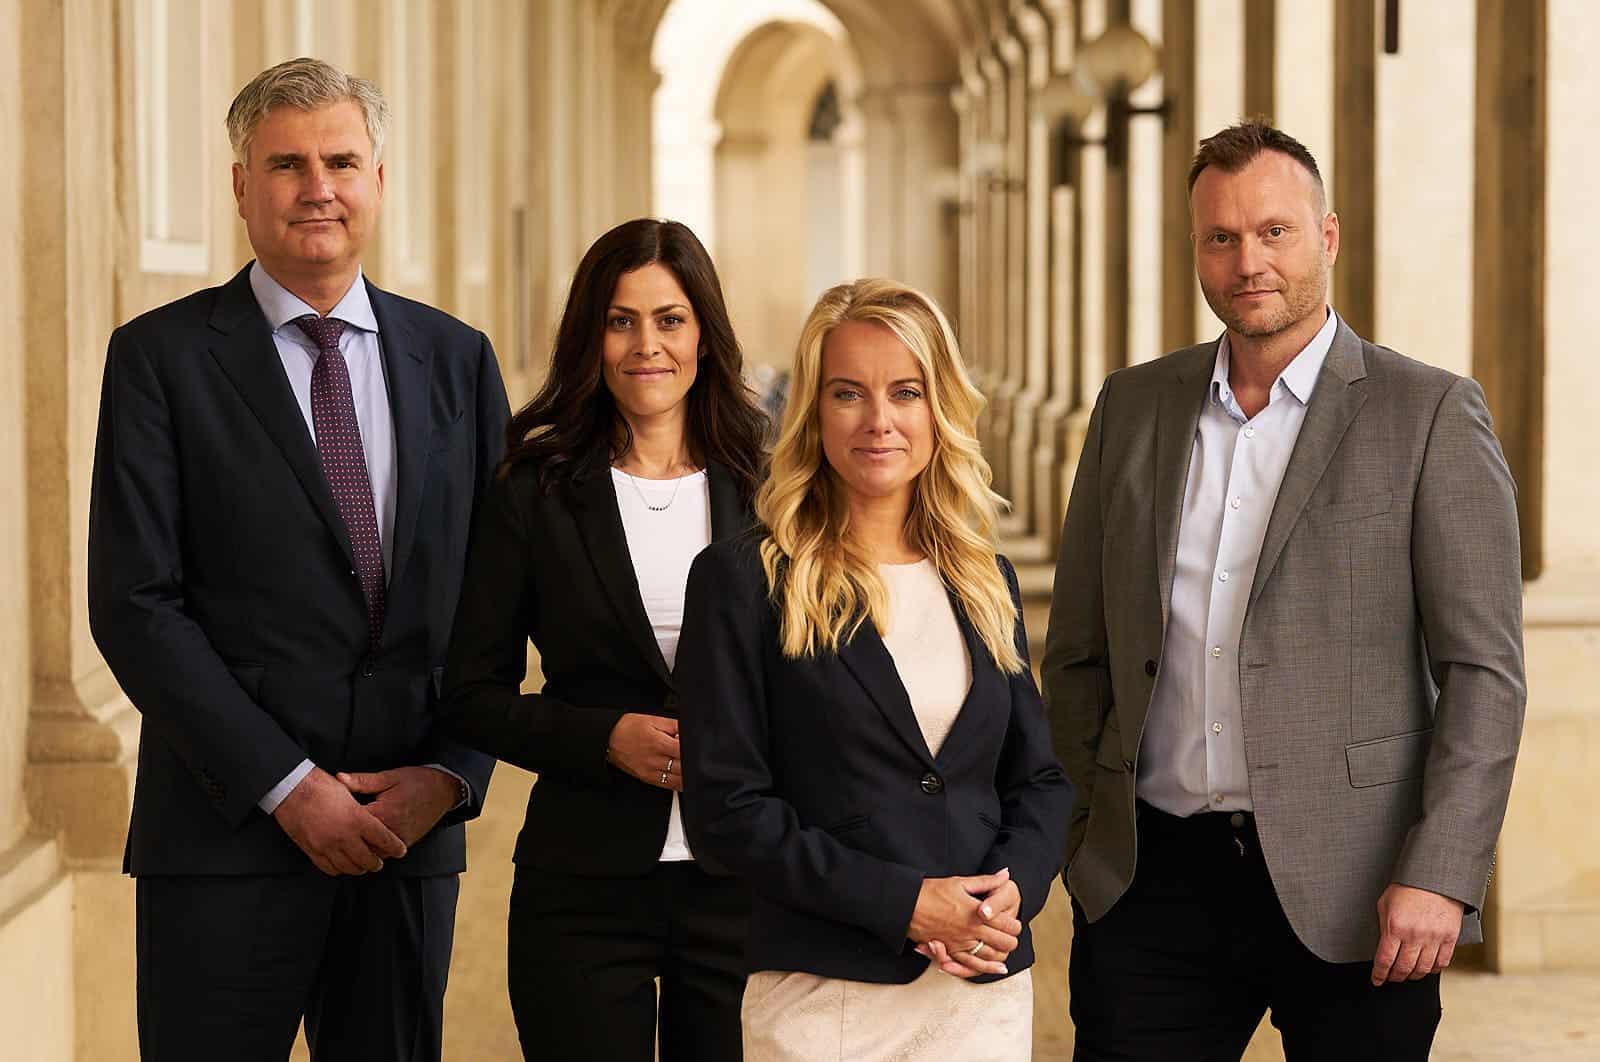 Danskerne har fået øjnene op for Nye Borgerlige